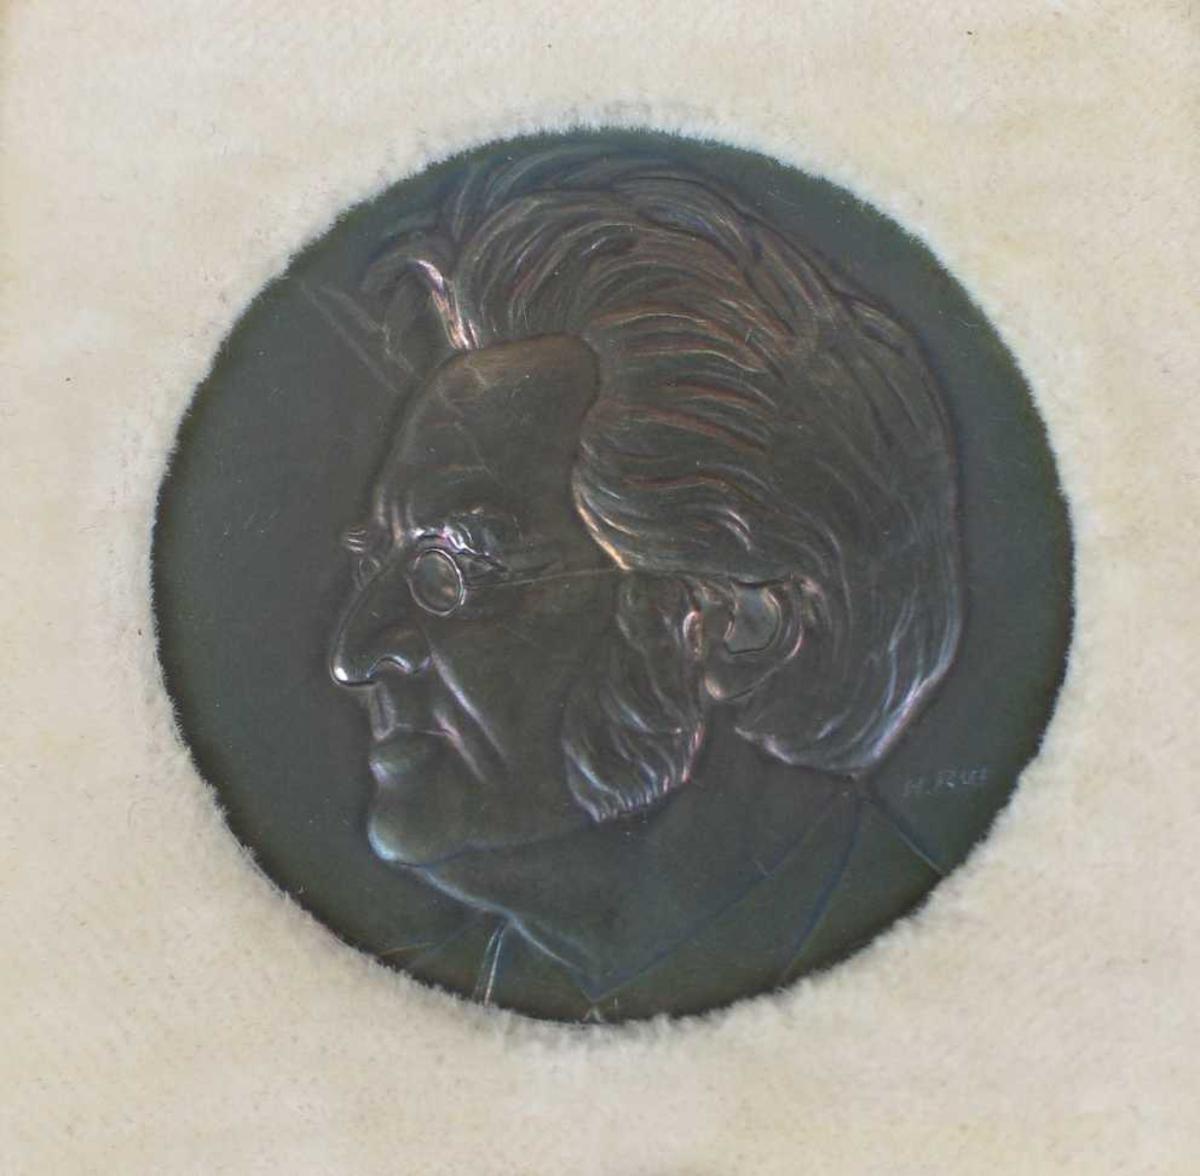 Minnemedalje i sølv med BB's portrett på forsiden og tekst på baksiden. Medaljen ligger i en burgunder eske som er fôret med hvit silke og fløyel.